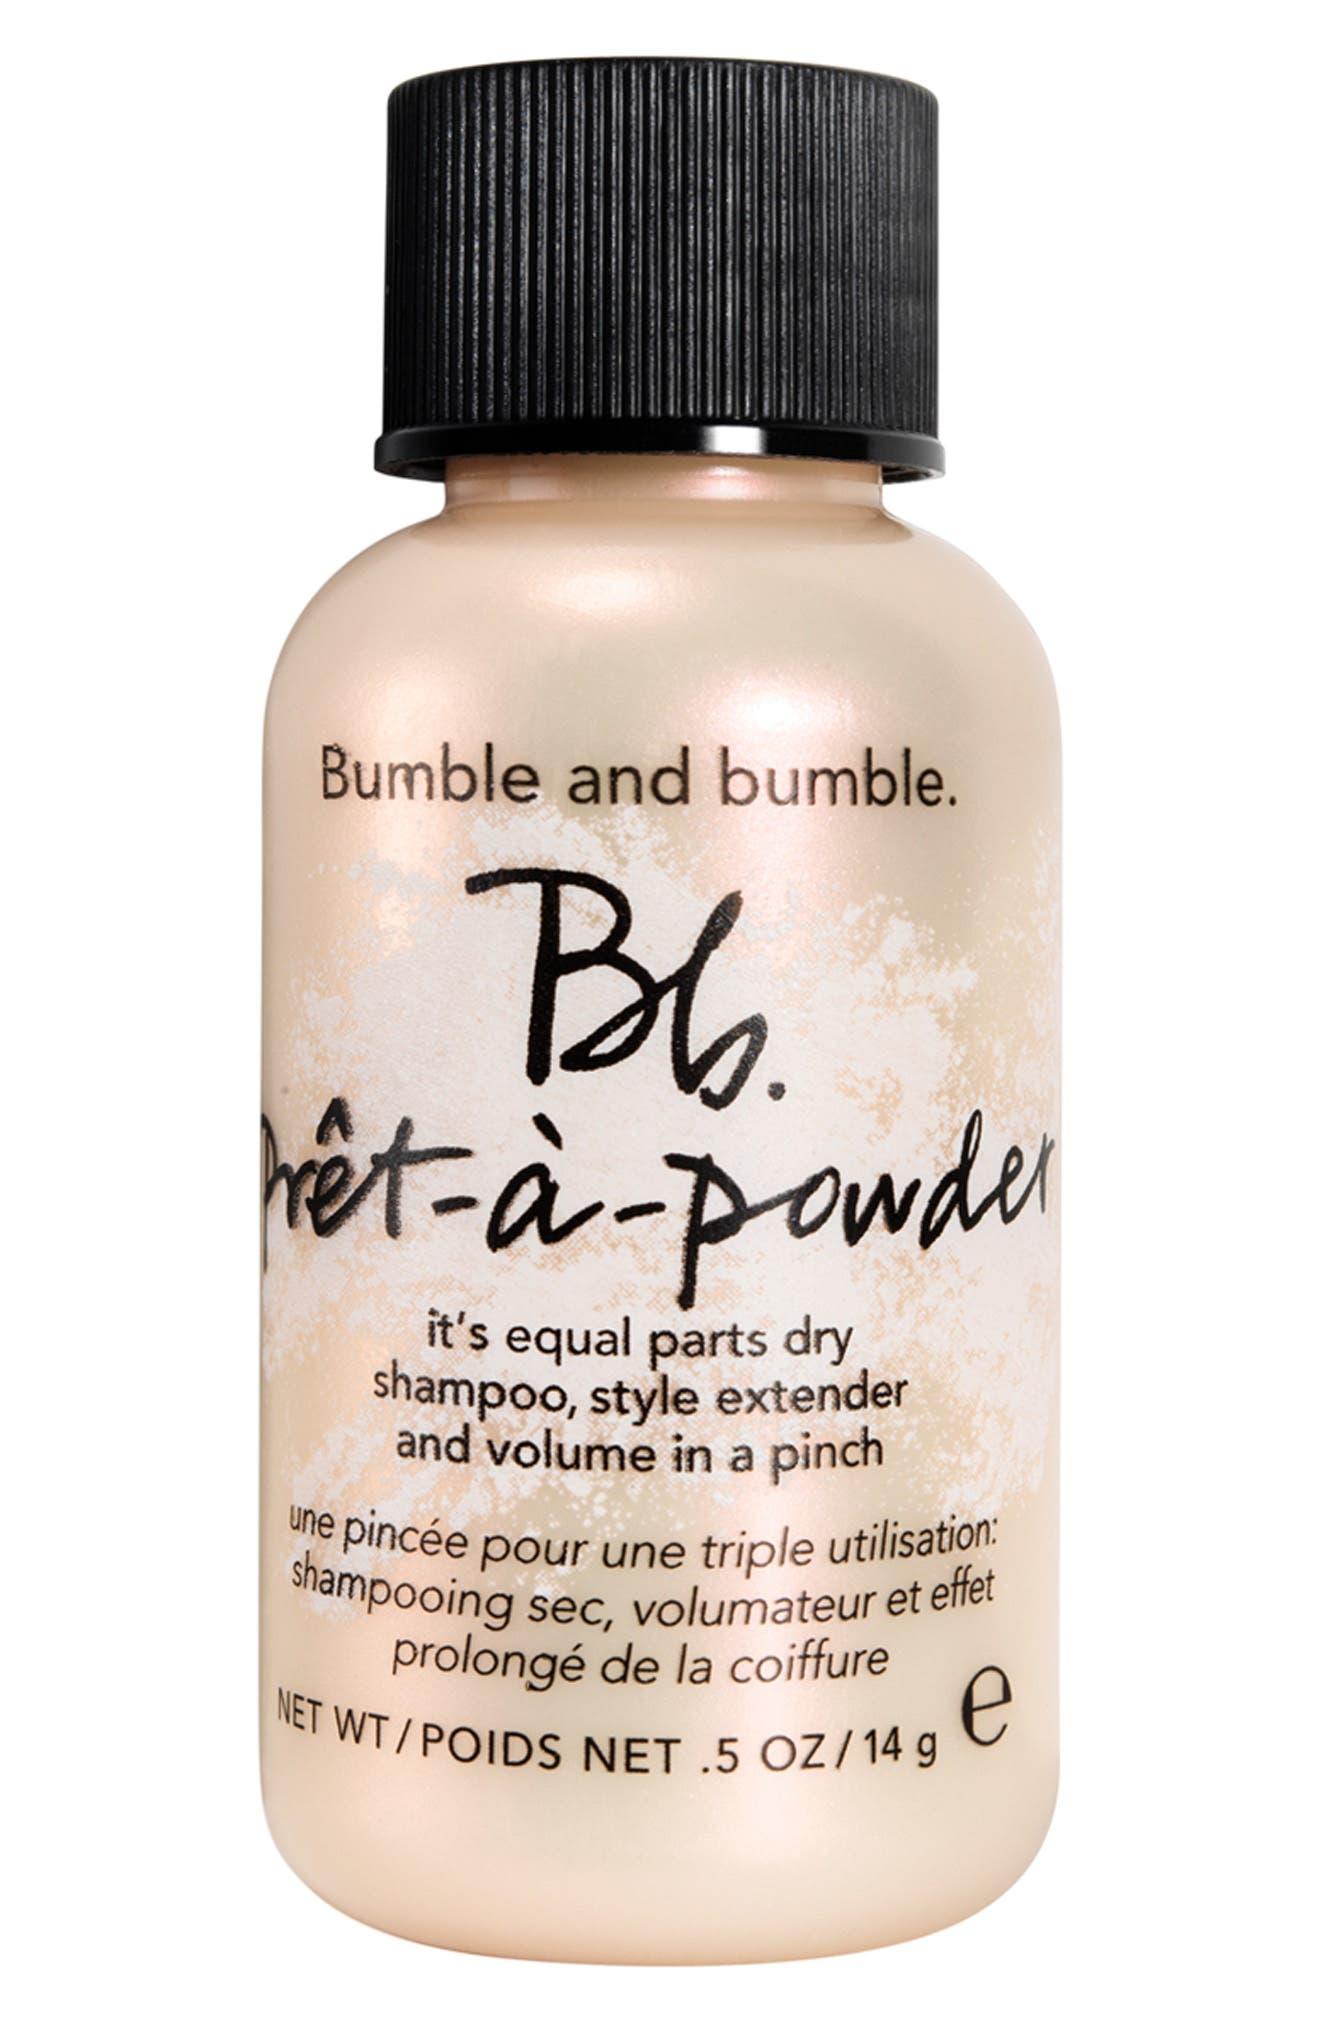 BUMBLE AND BUMBLE., Bumble and bumble Prêt-a-Powder, Alternate thumbnail 6, color, NO COLOR